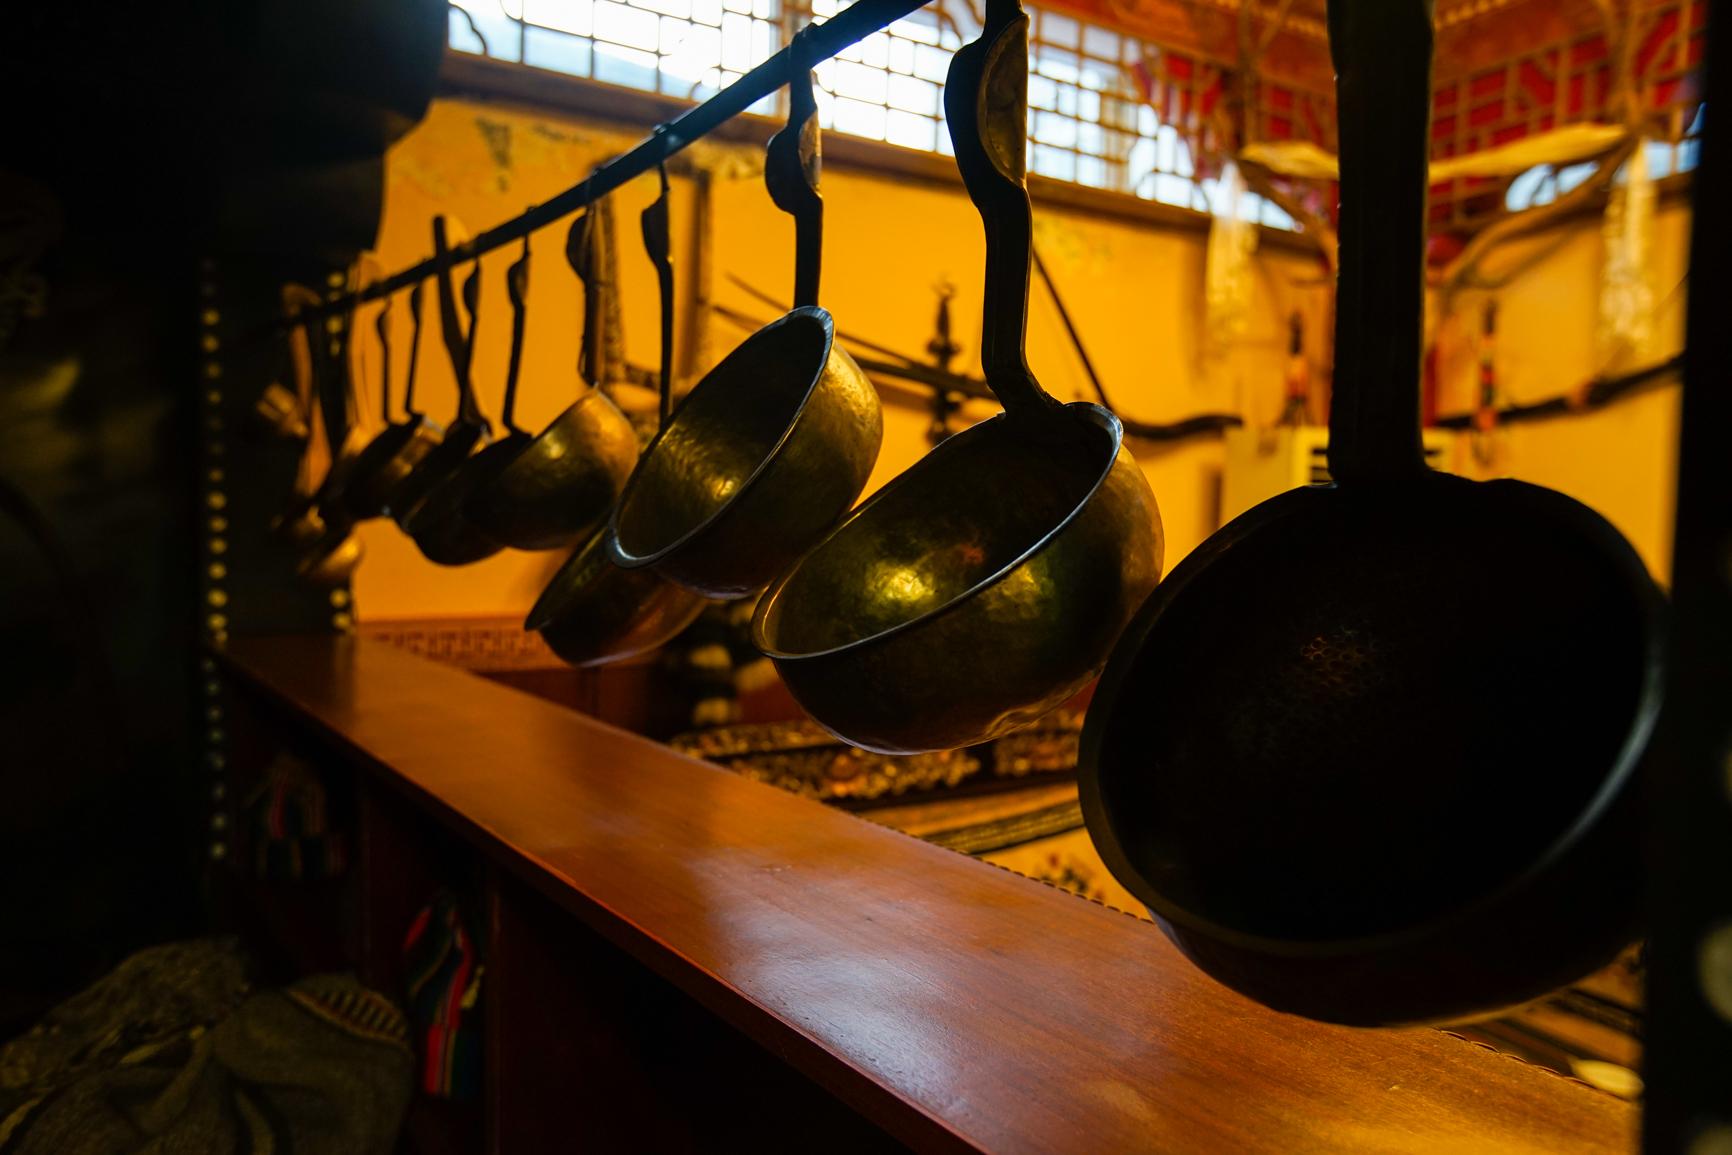 我的关键词 西藏旅游不成错过的藏式餐厅,品美食长见识,藏族美男能歌善舞  消息资讯